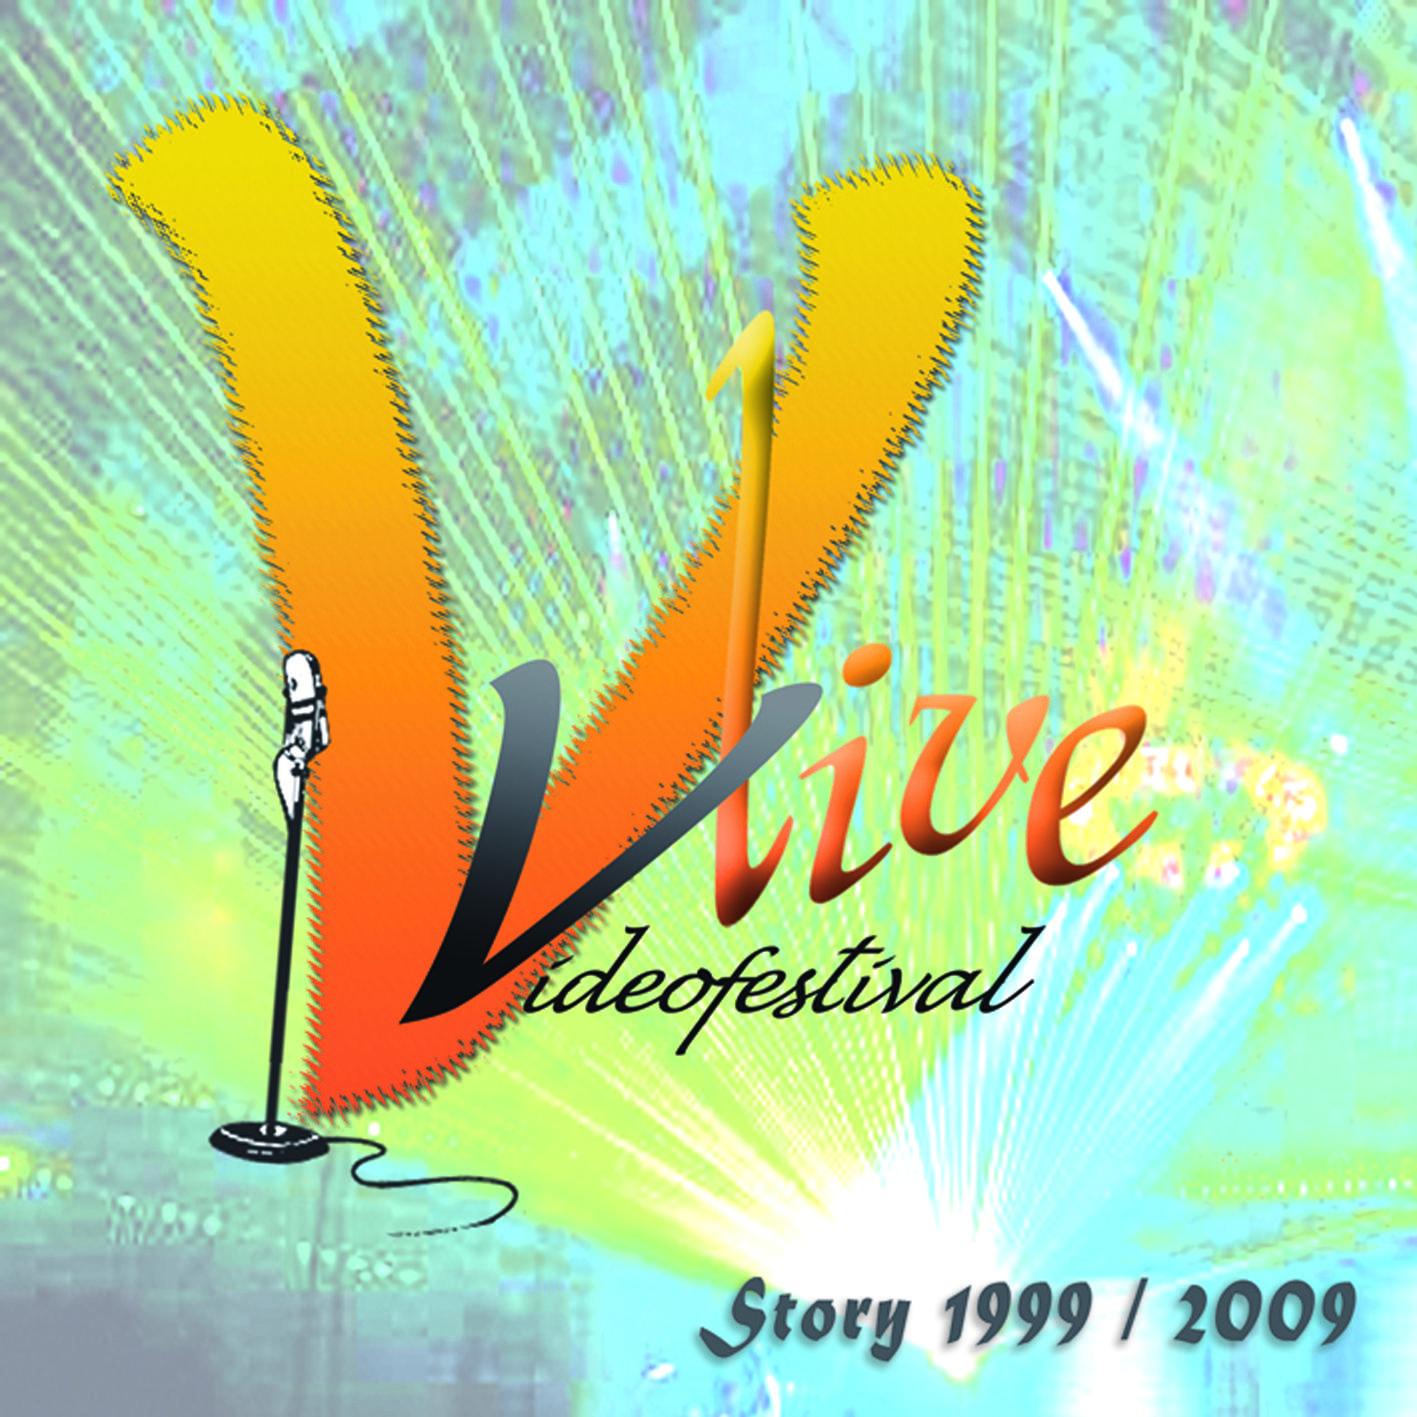 VIDEOFESTIVAL LIVE Story